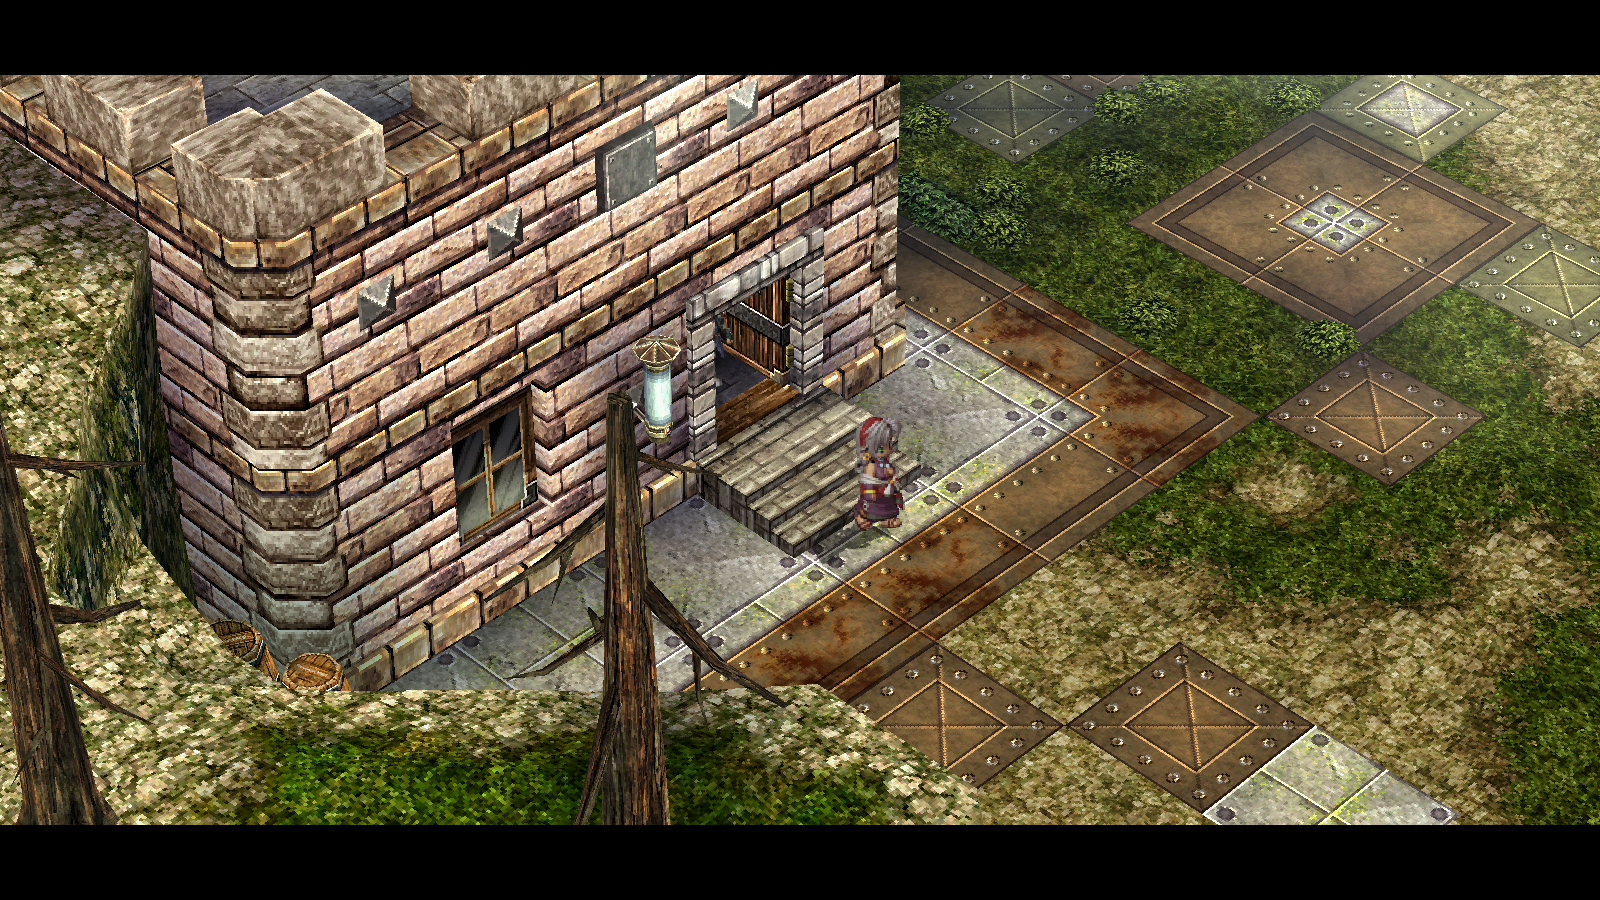 Bose - Haken Gate 5 (Sky1).png